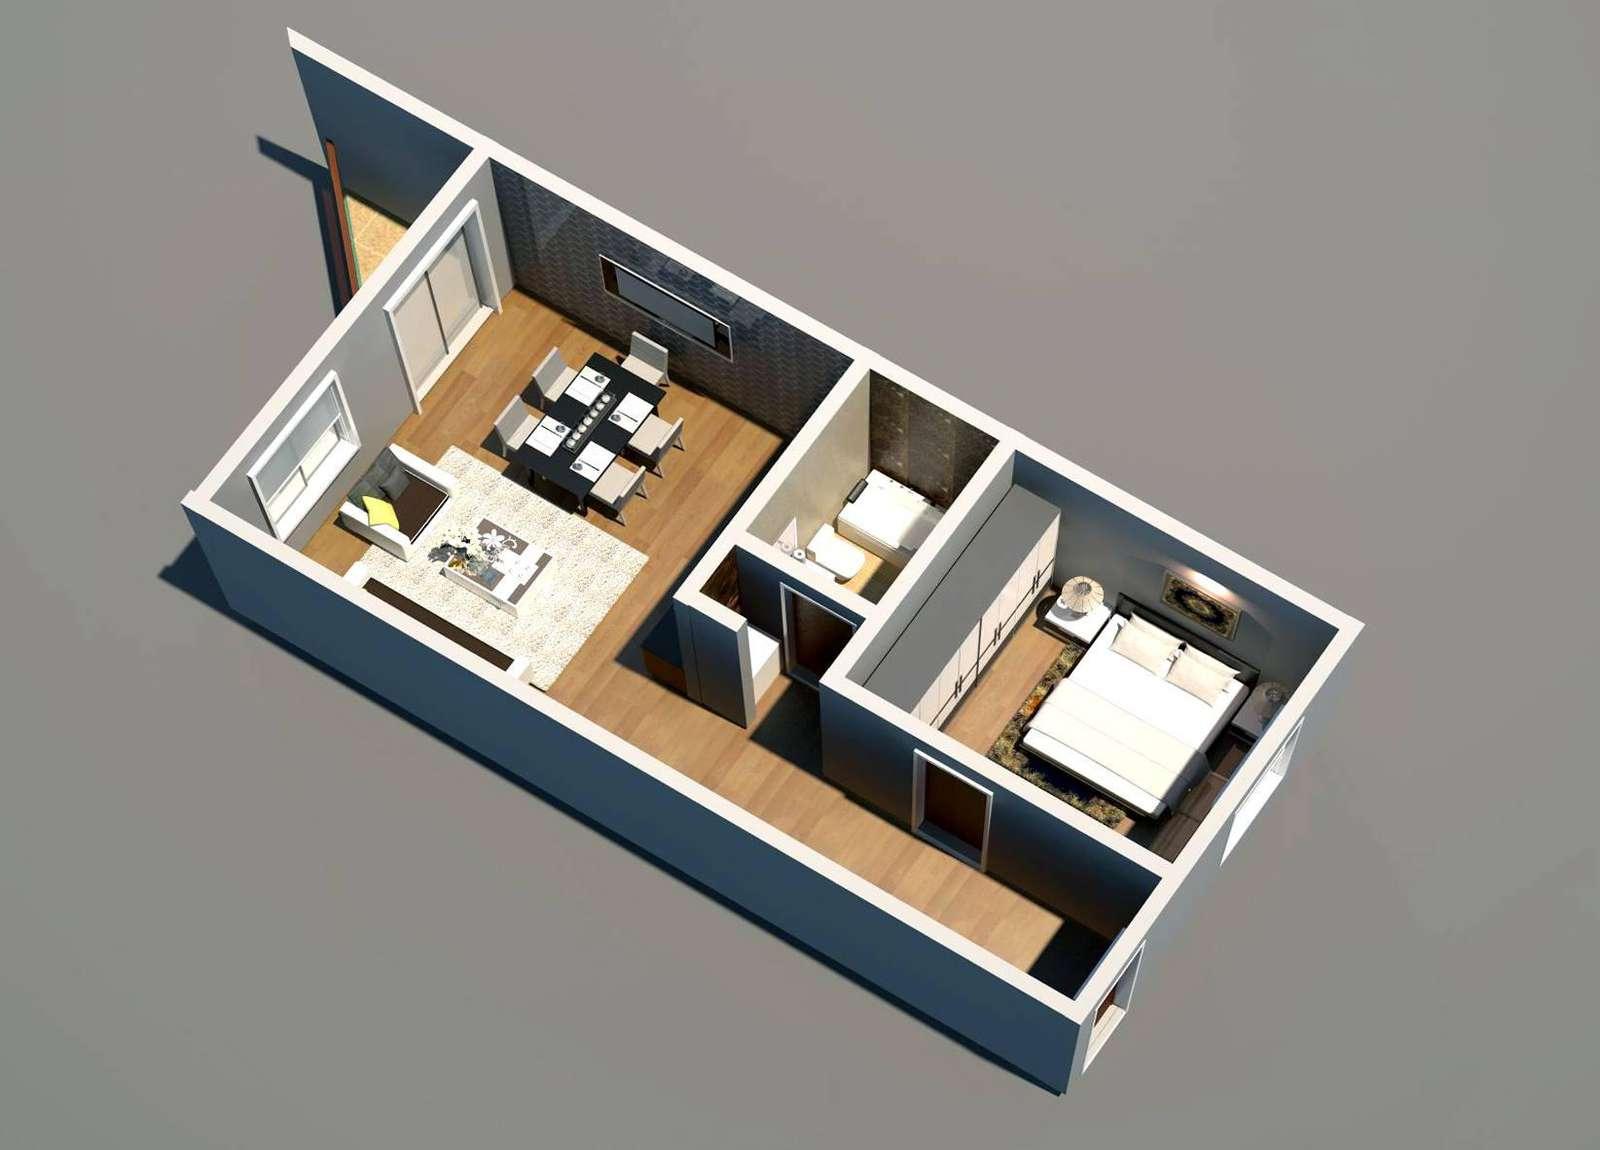 Unit set up design